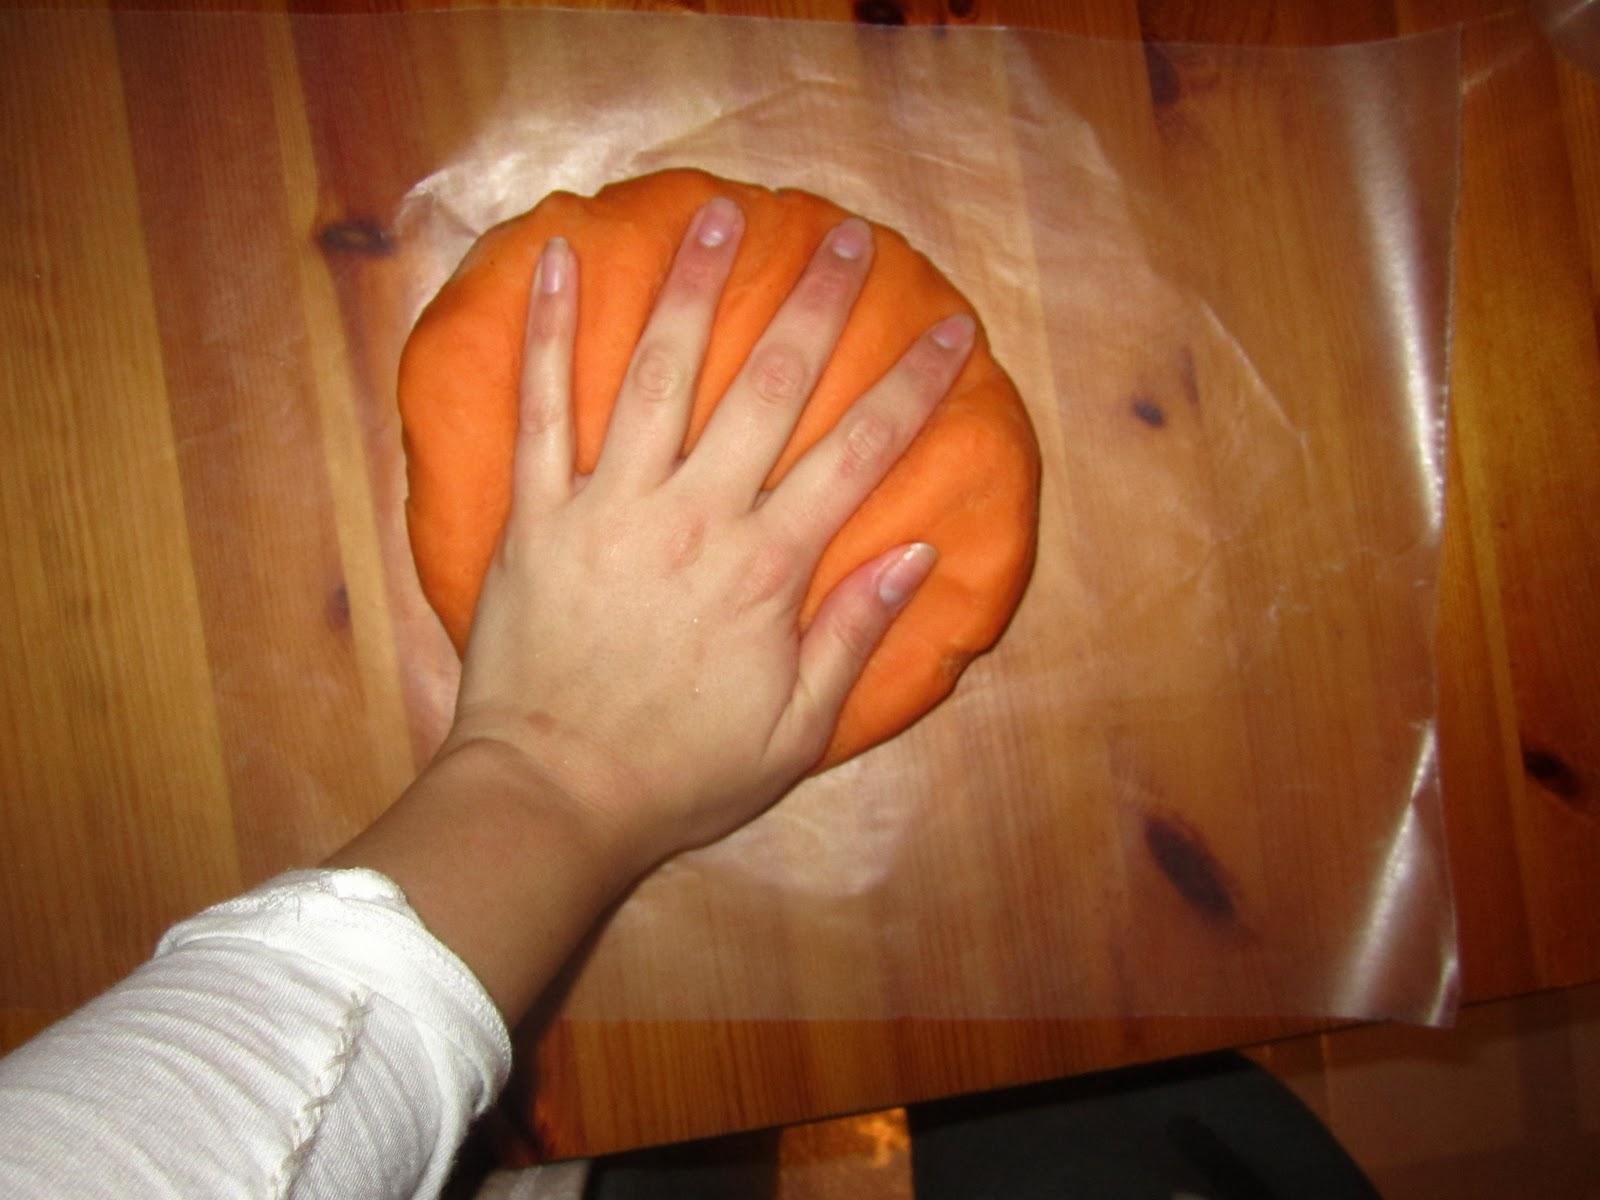 Playdough Clipart Dump play dough onto waxed